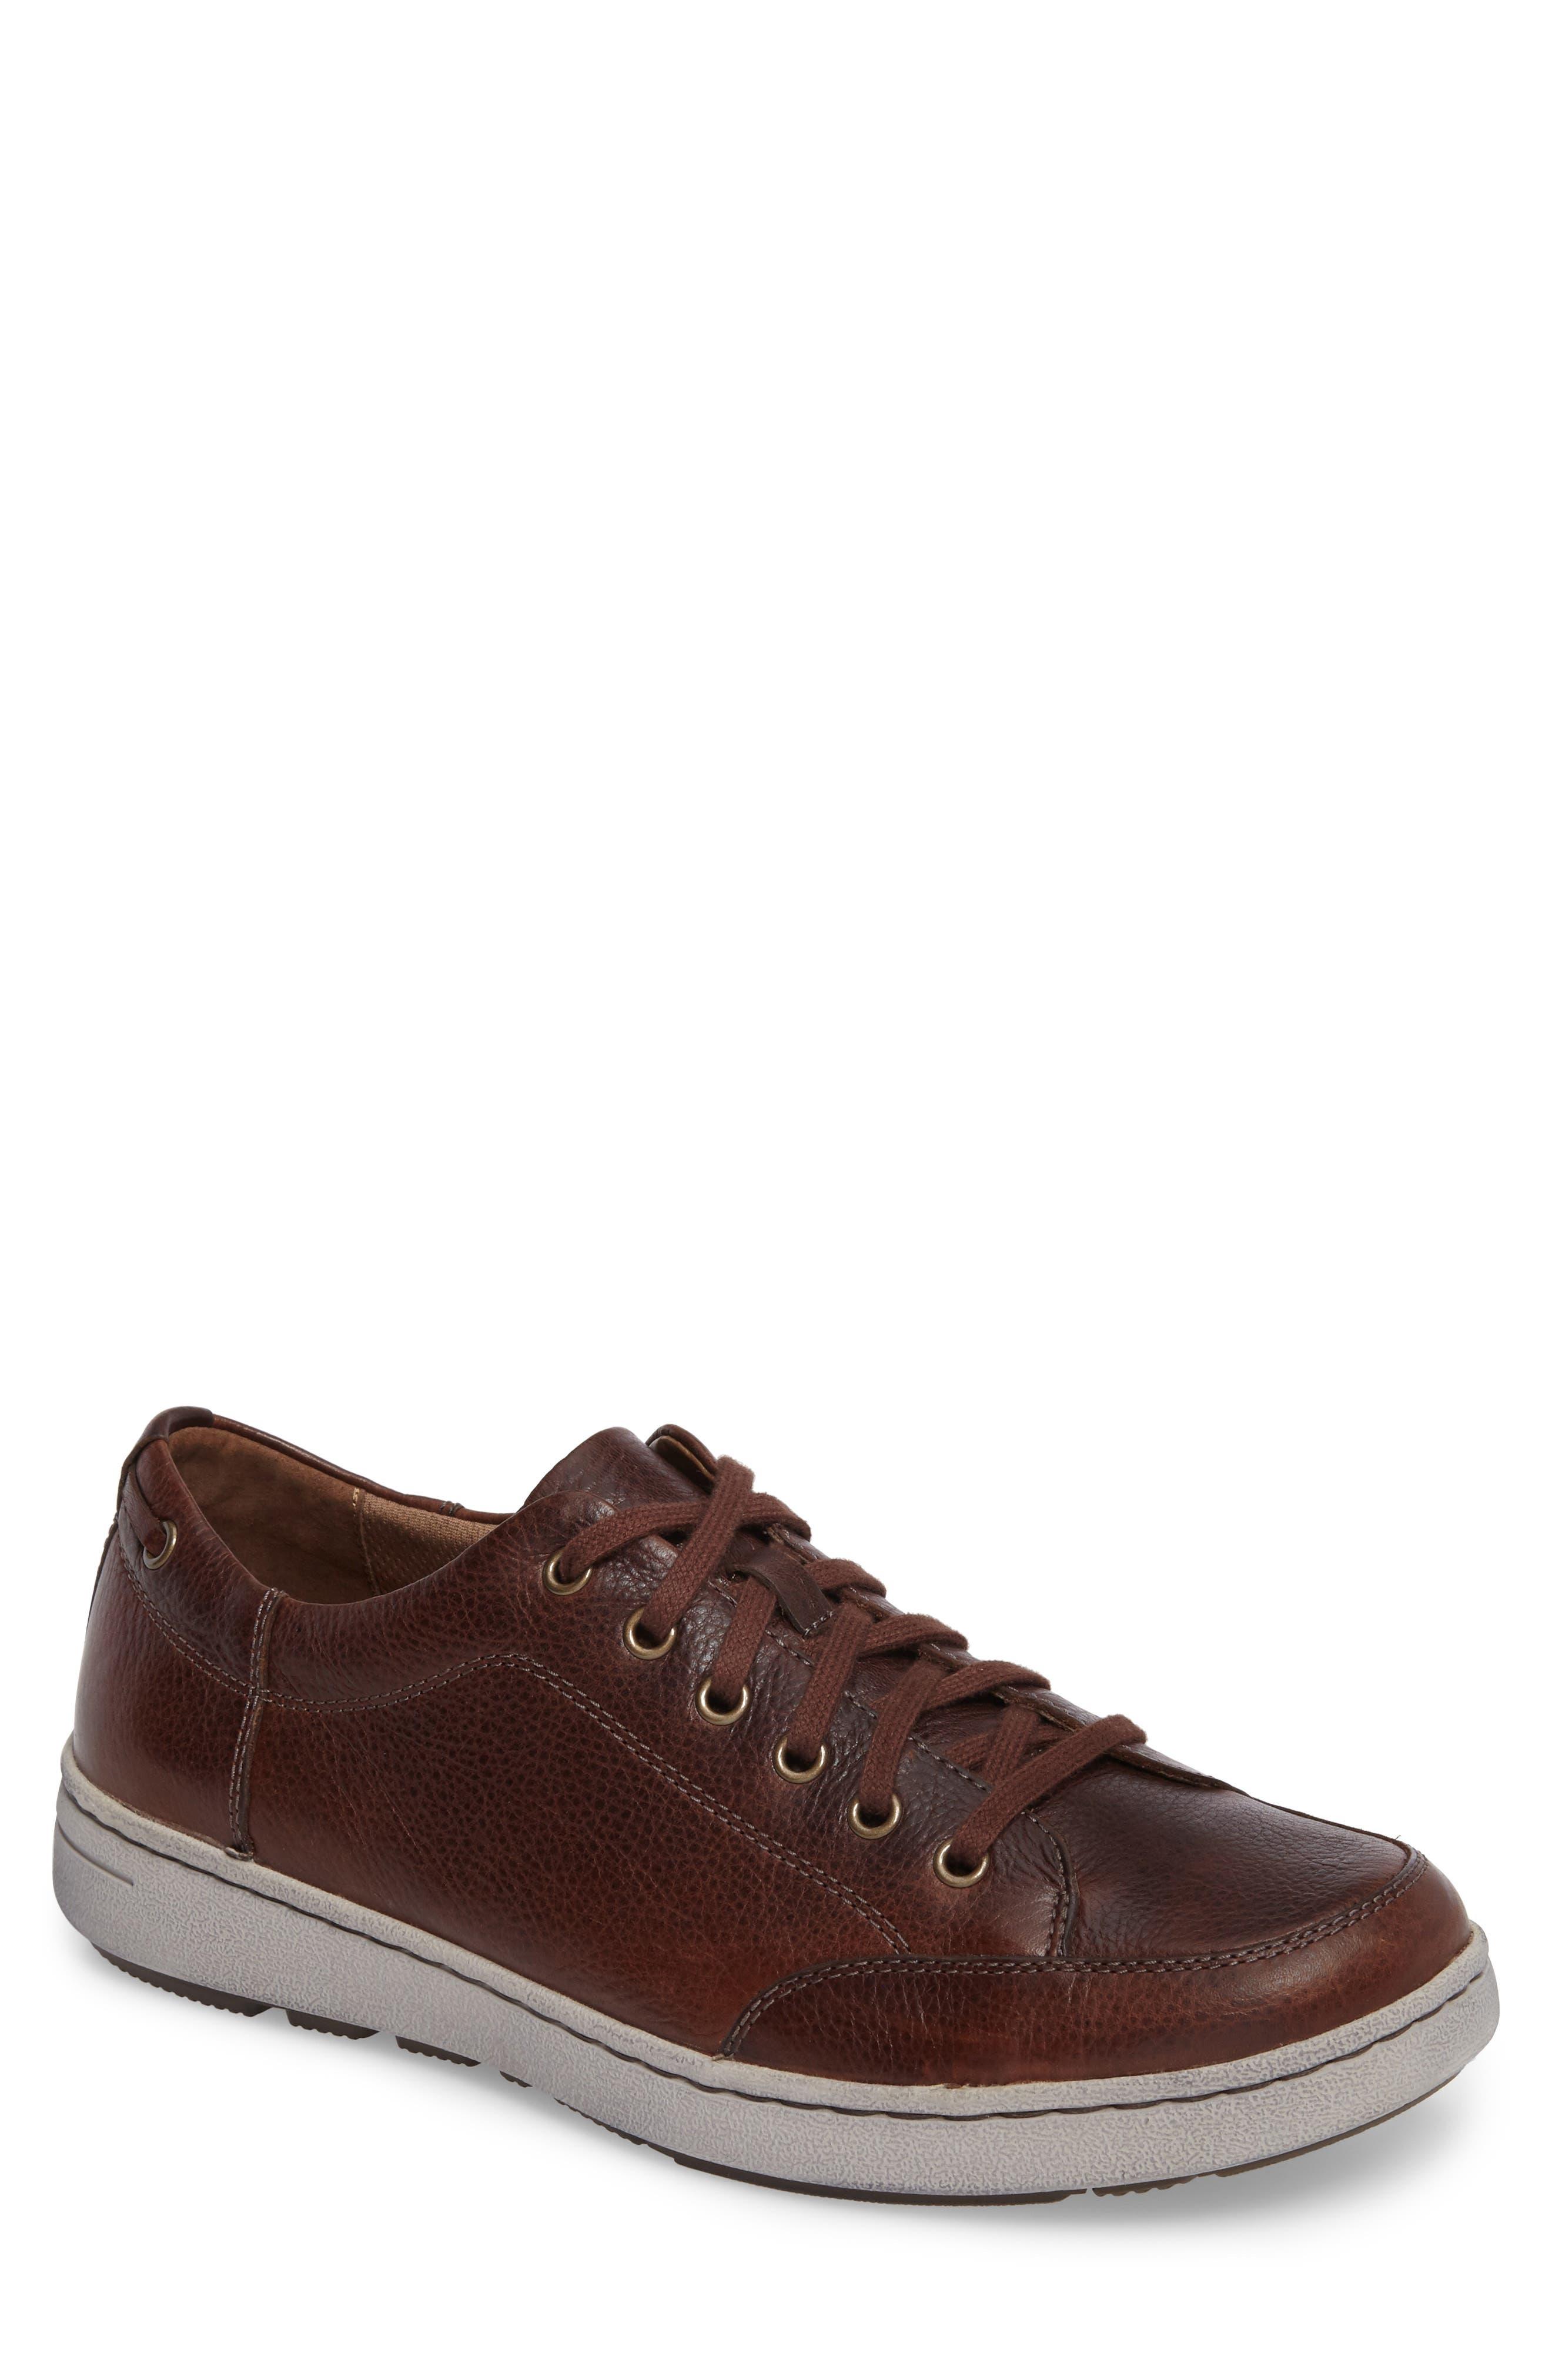 Alternate Image 1 Selected - Dansko 'Vaughn' Water-Resistant Sneaker (Men)